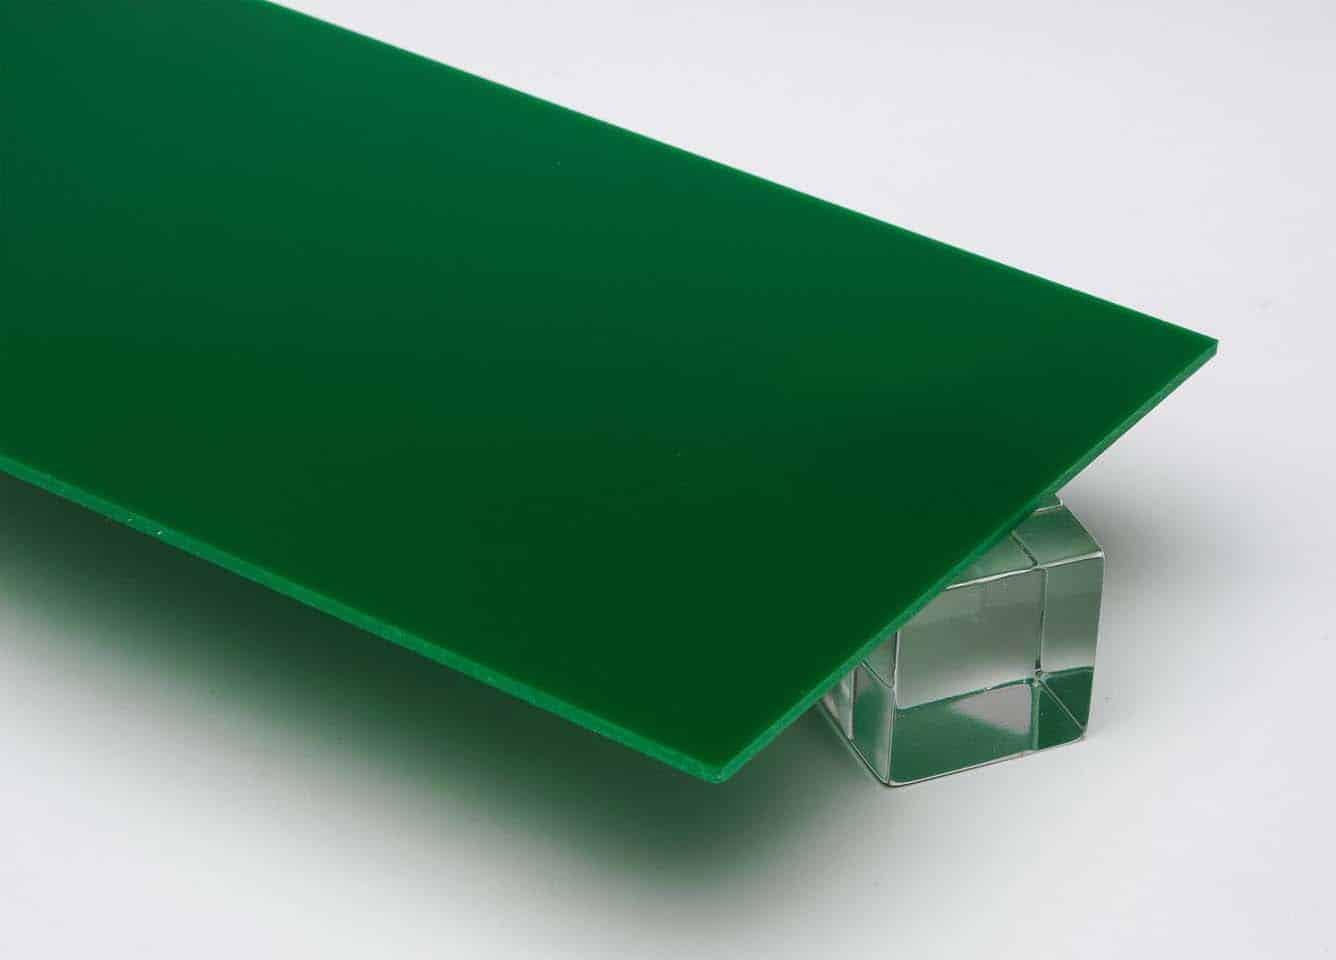 Tấm nhựa mica màu xanh lá FS348